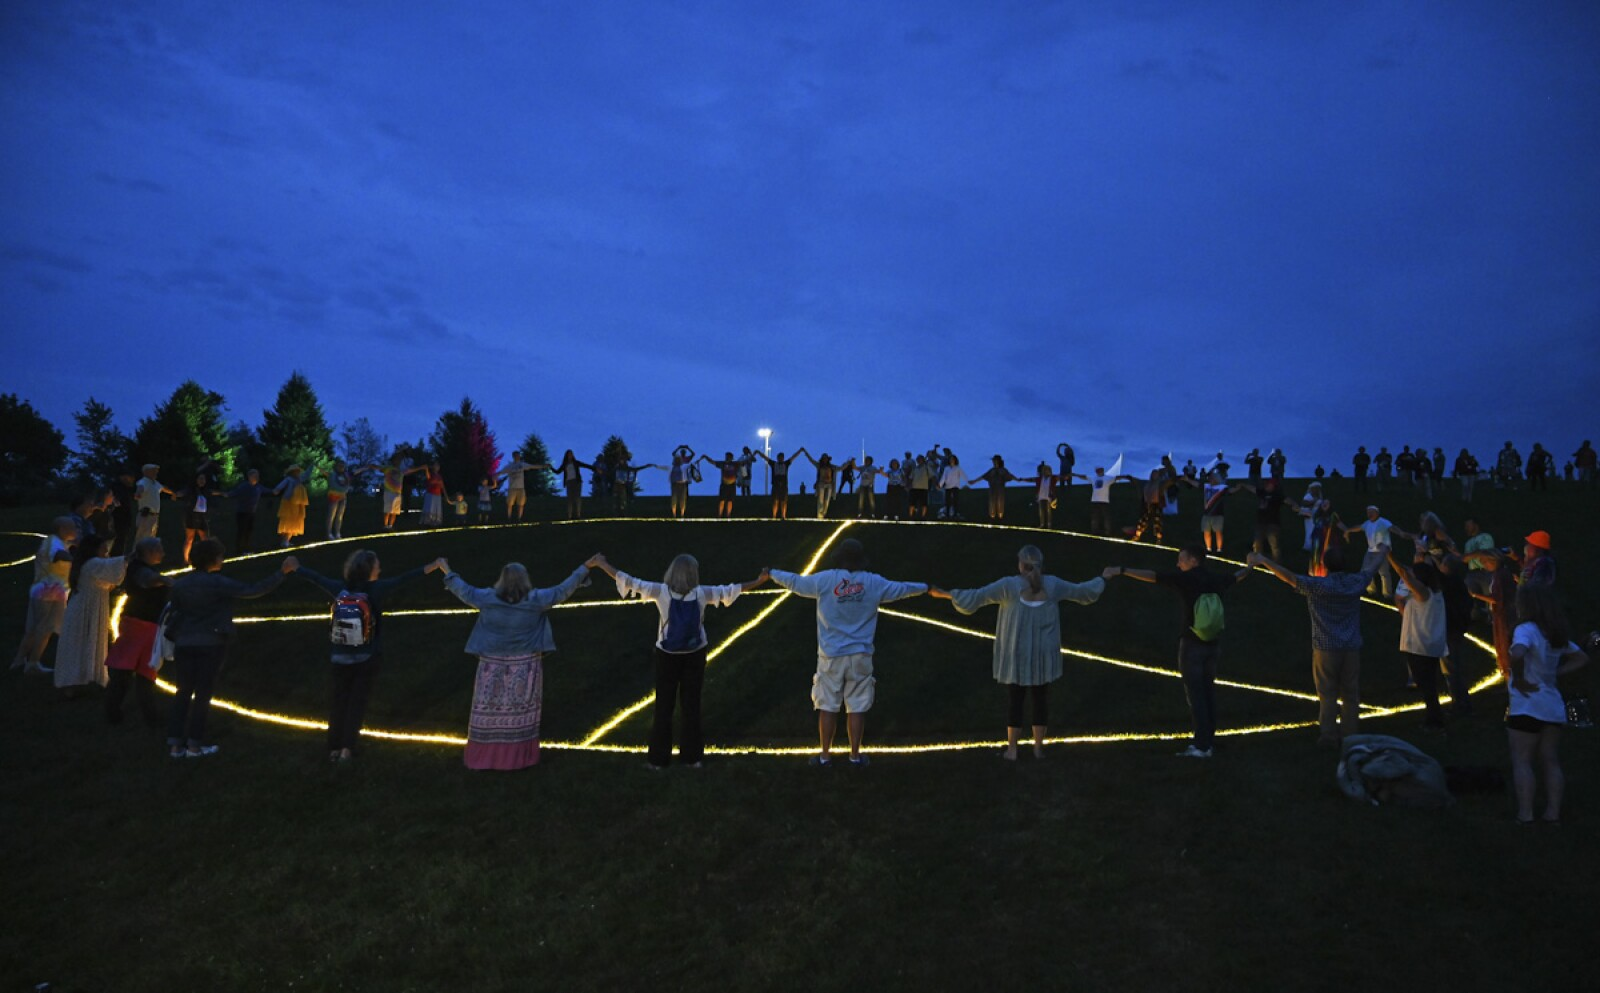 50 aniversario de Woodstock